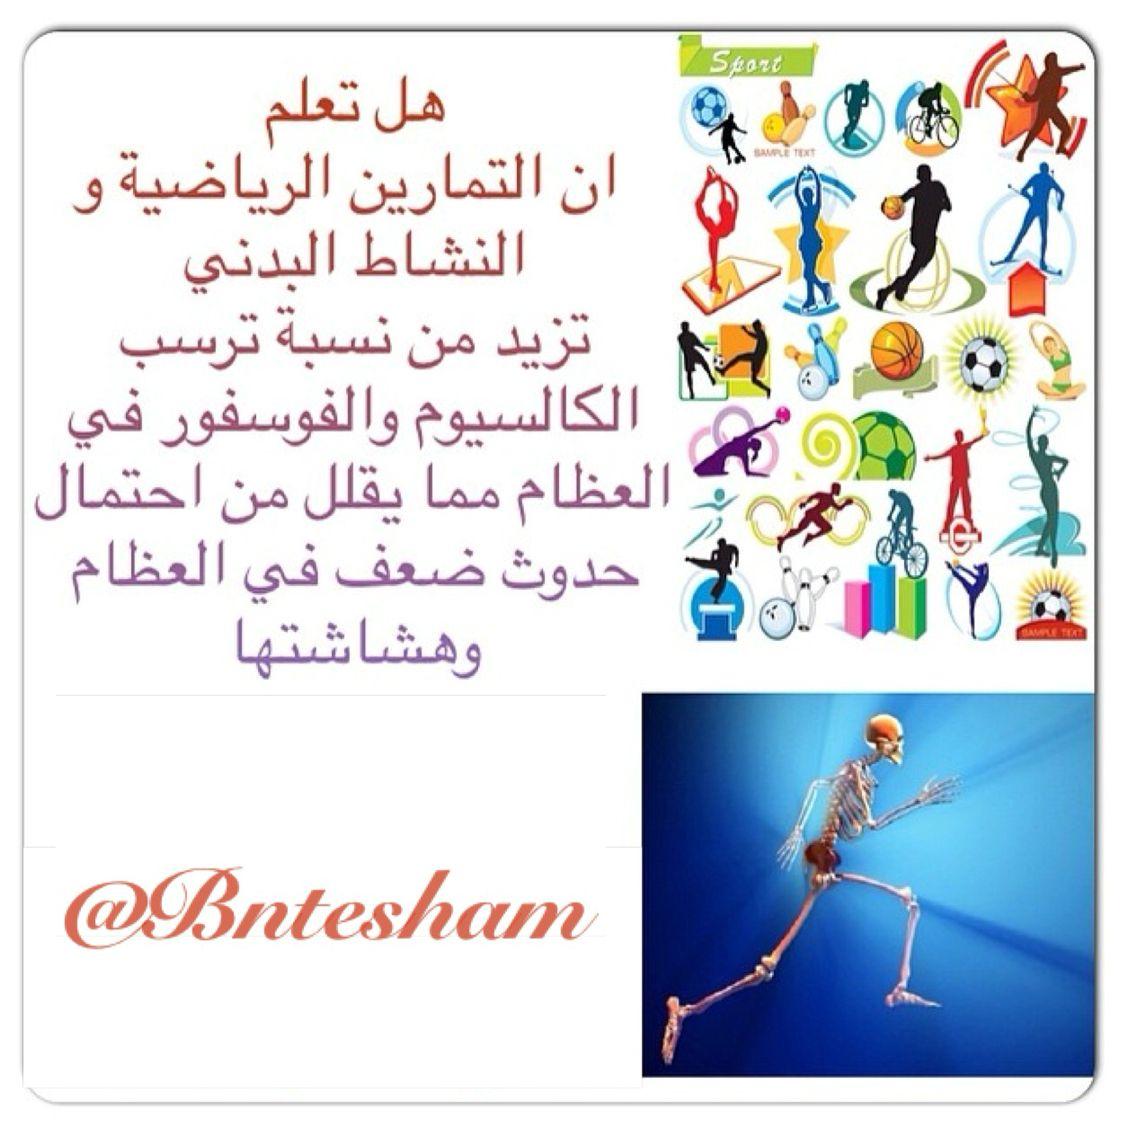 هل تعلم ان التمارين الرياضية النشاط البدني تزيد من نسبة ترسب الكالسيوم والفوسفور في العظام مما يقلل من احتمال حدوث ضعف في العظام وهشا Loei Physiotherapy Health